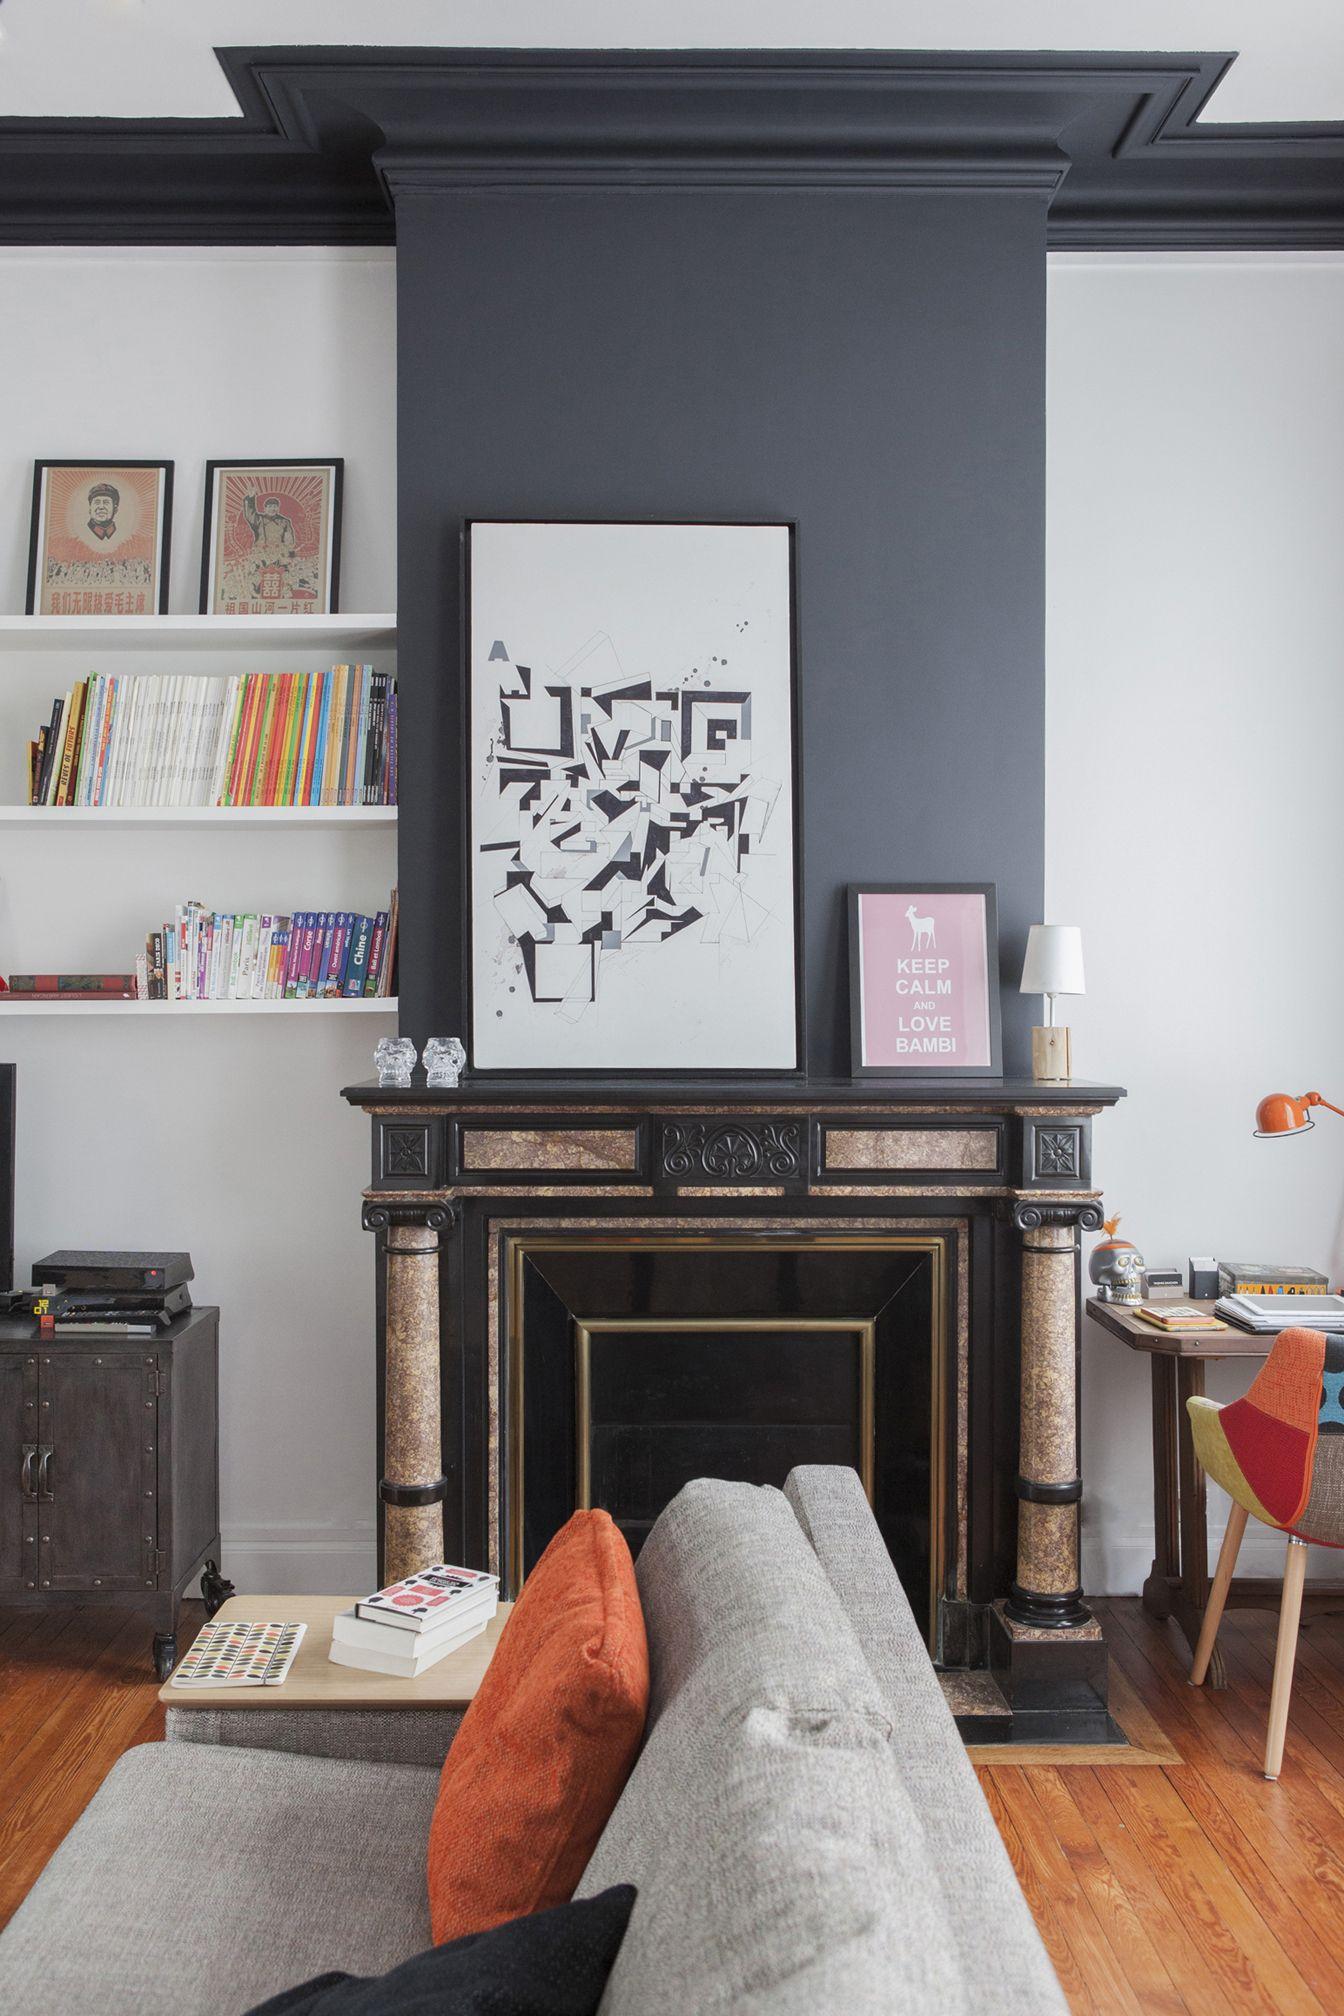 fusion d r novation d coration maison bourgeoise 210 m2 chemin es pinterest maison. Black Bedroom Furniture Sets. Home Design Ideas